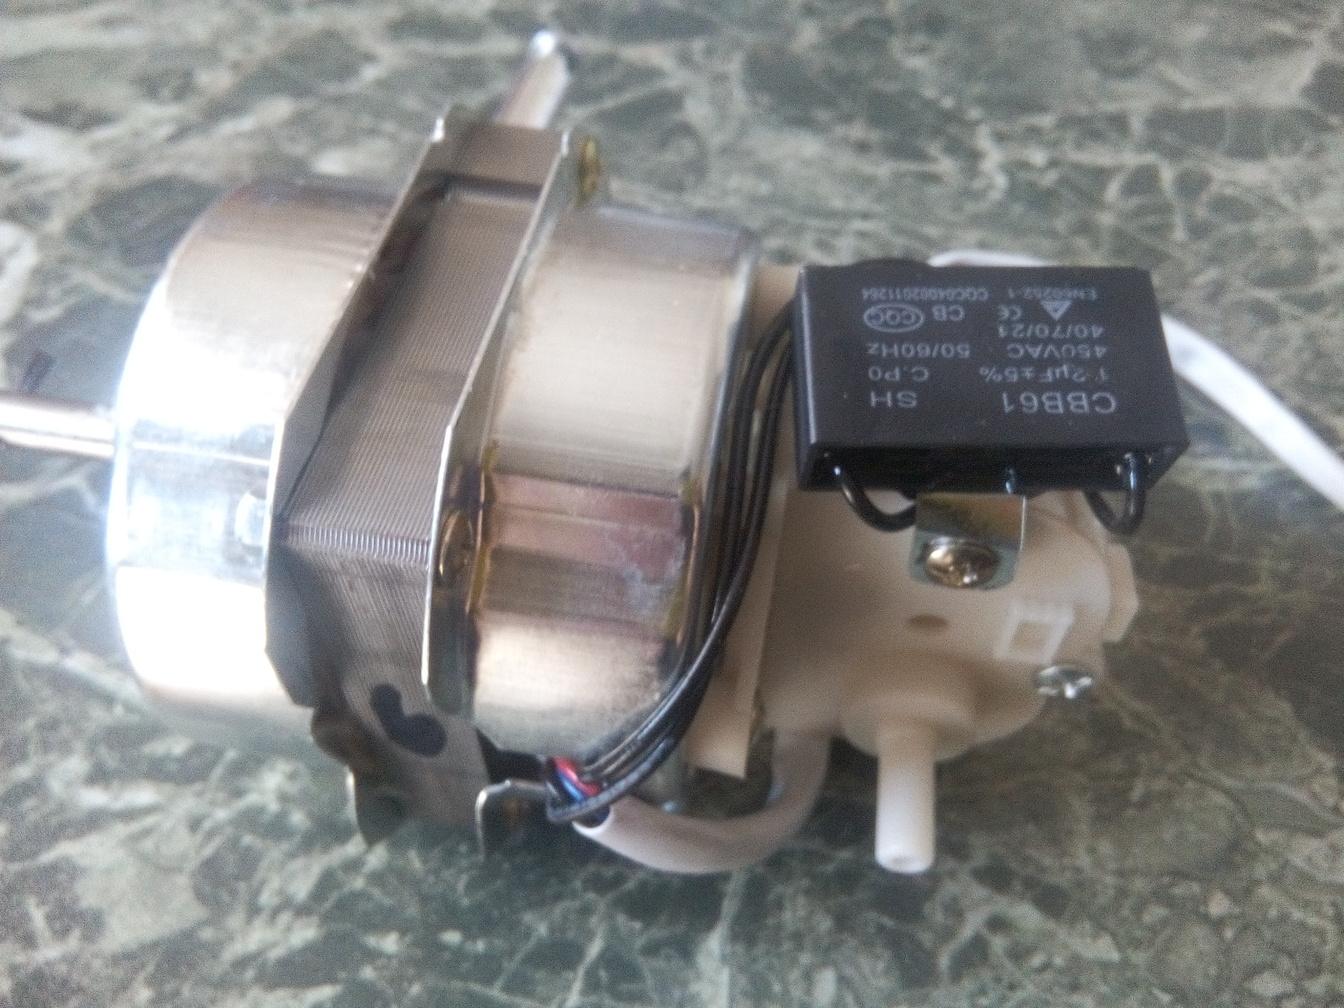 Schema Elettrico Ventilatore Velocità : Motore ventilatore